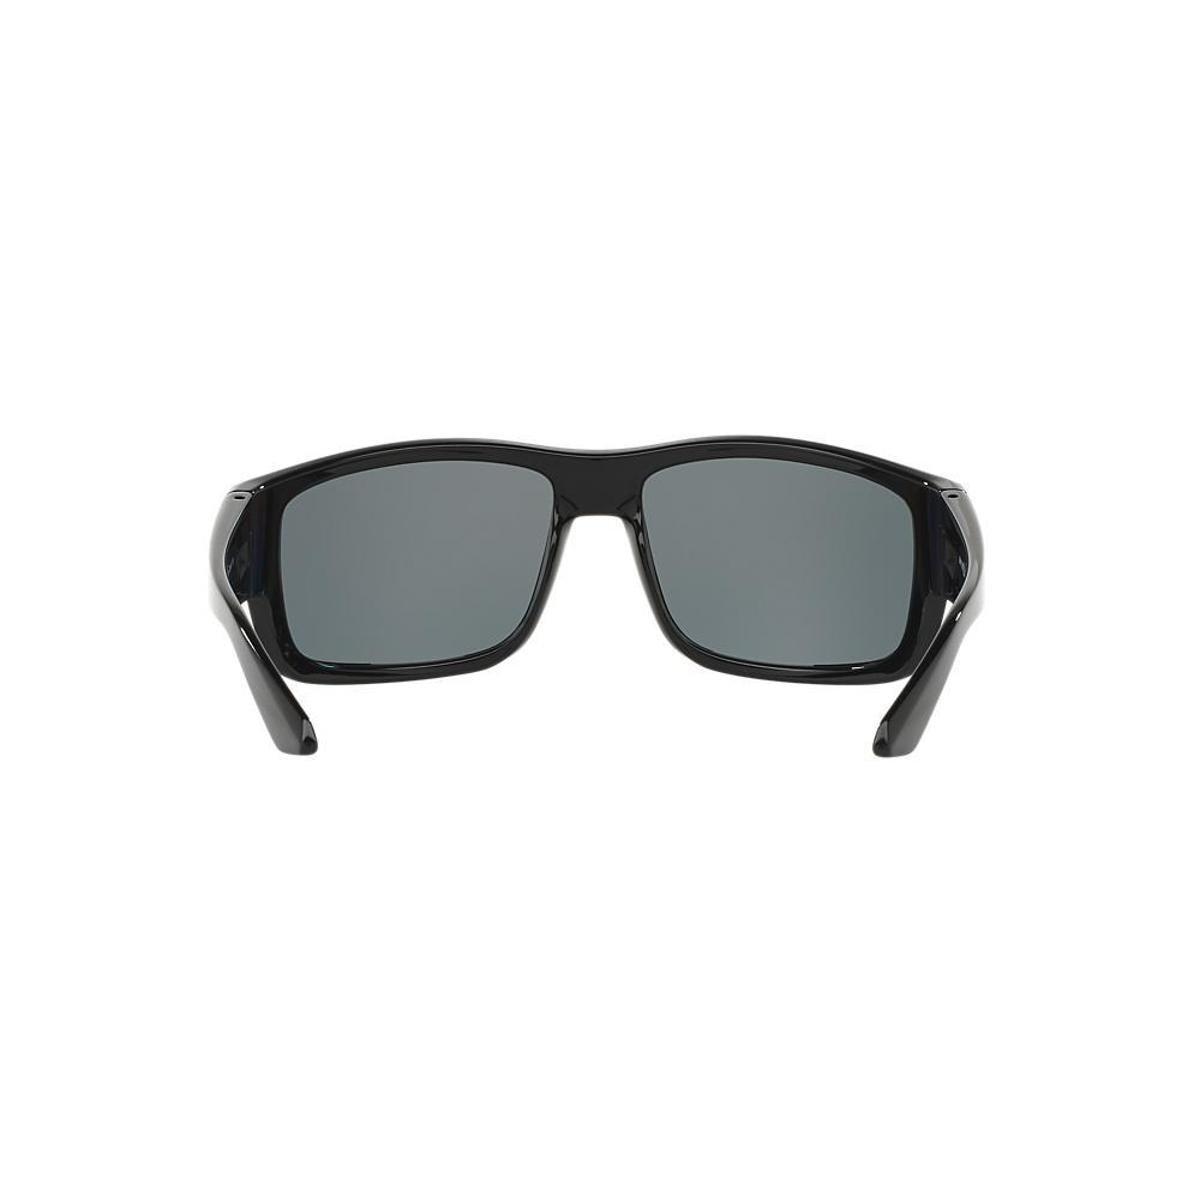 Óculos de Sol Arnette Retângular AN4221 Grifter Masculino - Compre ... 8e834c9140